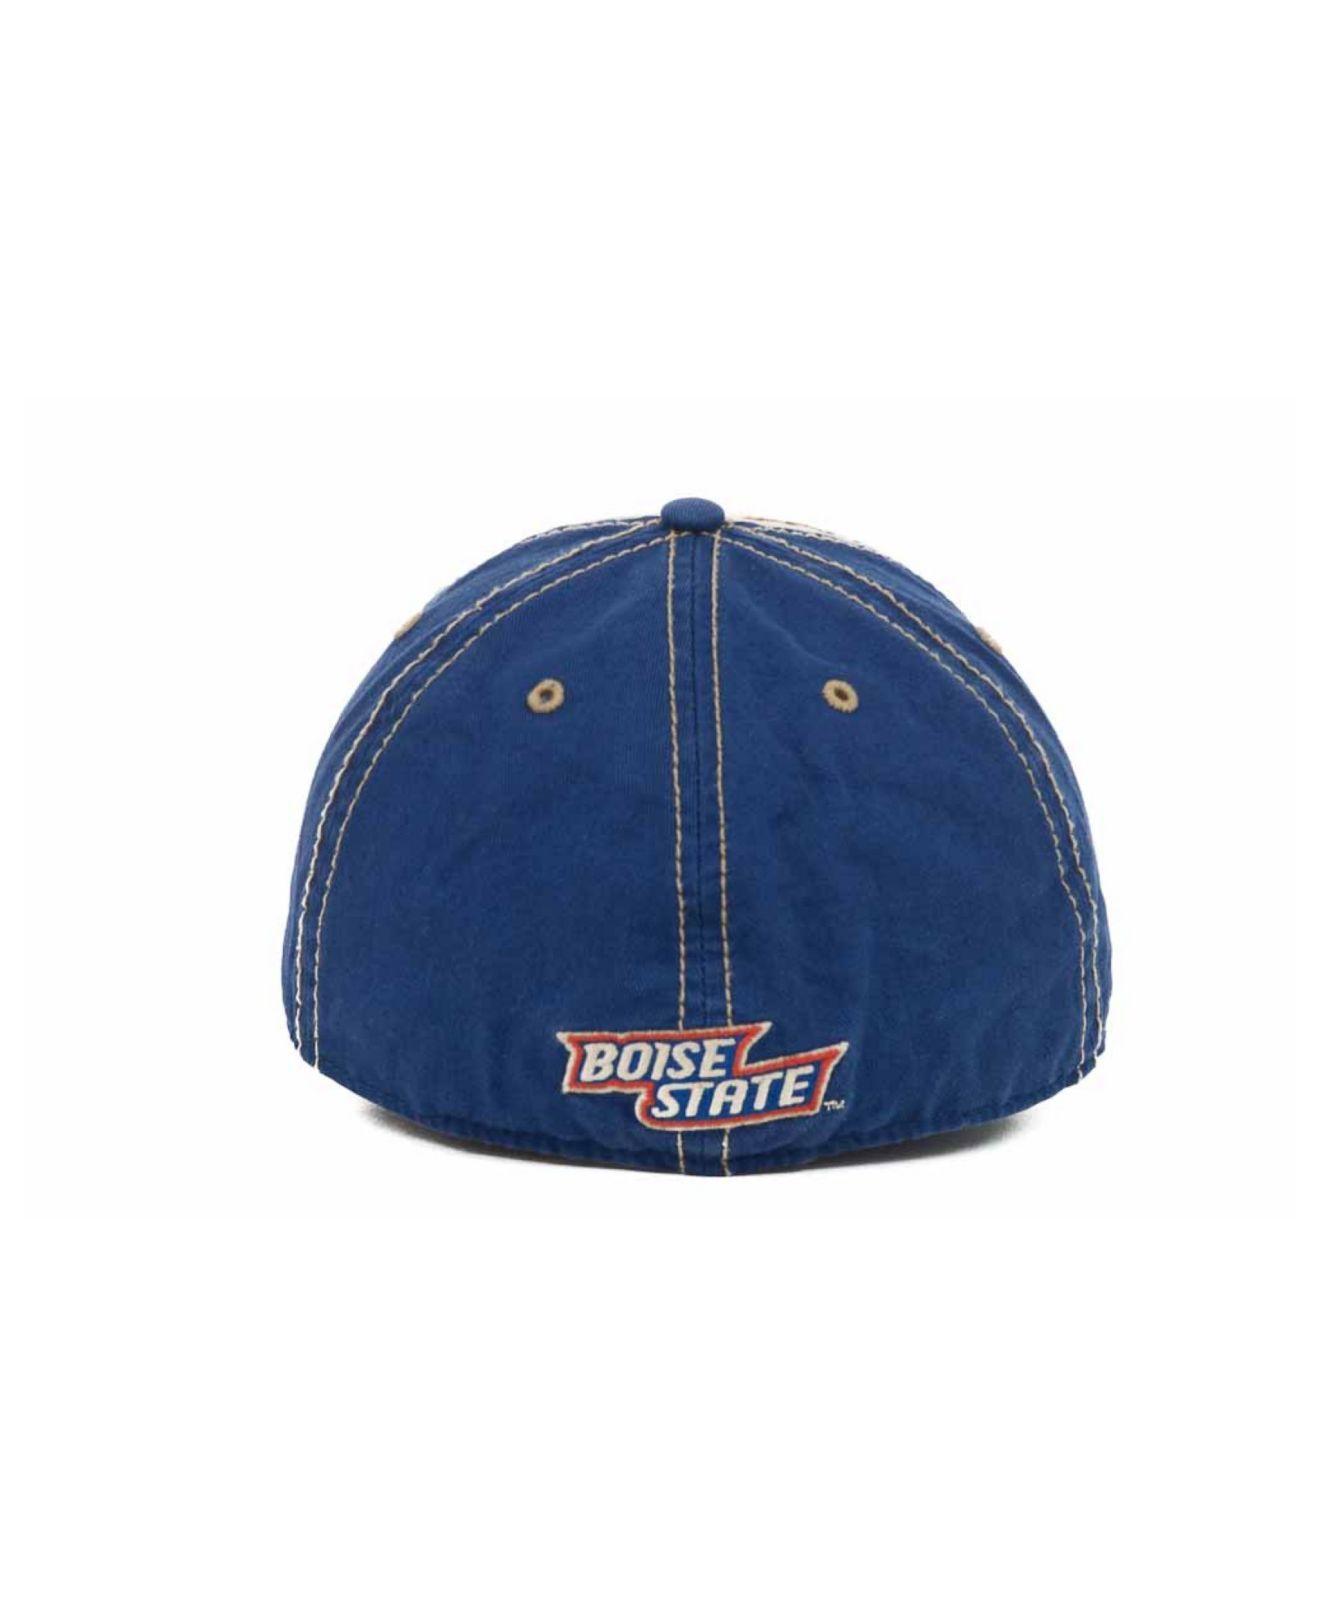 Lyst 47 Brand Boise State Broncos Ncaa Sandlot Franchise